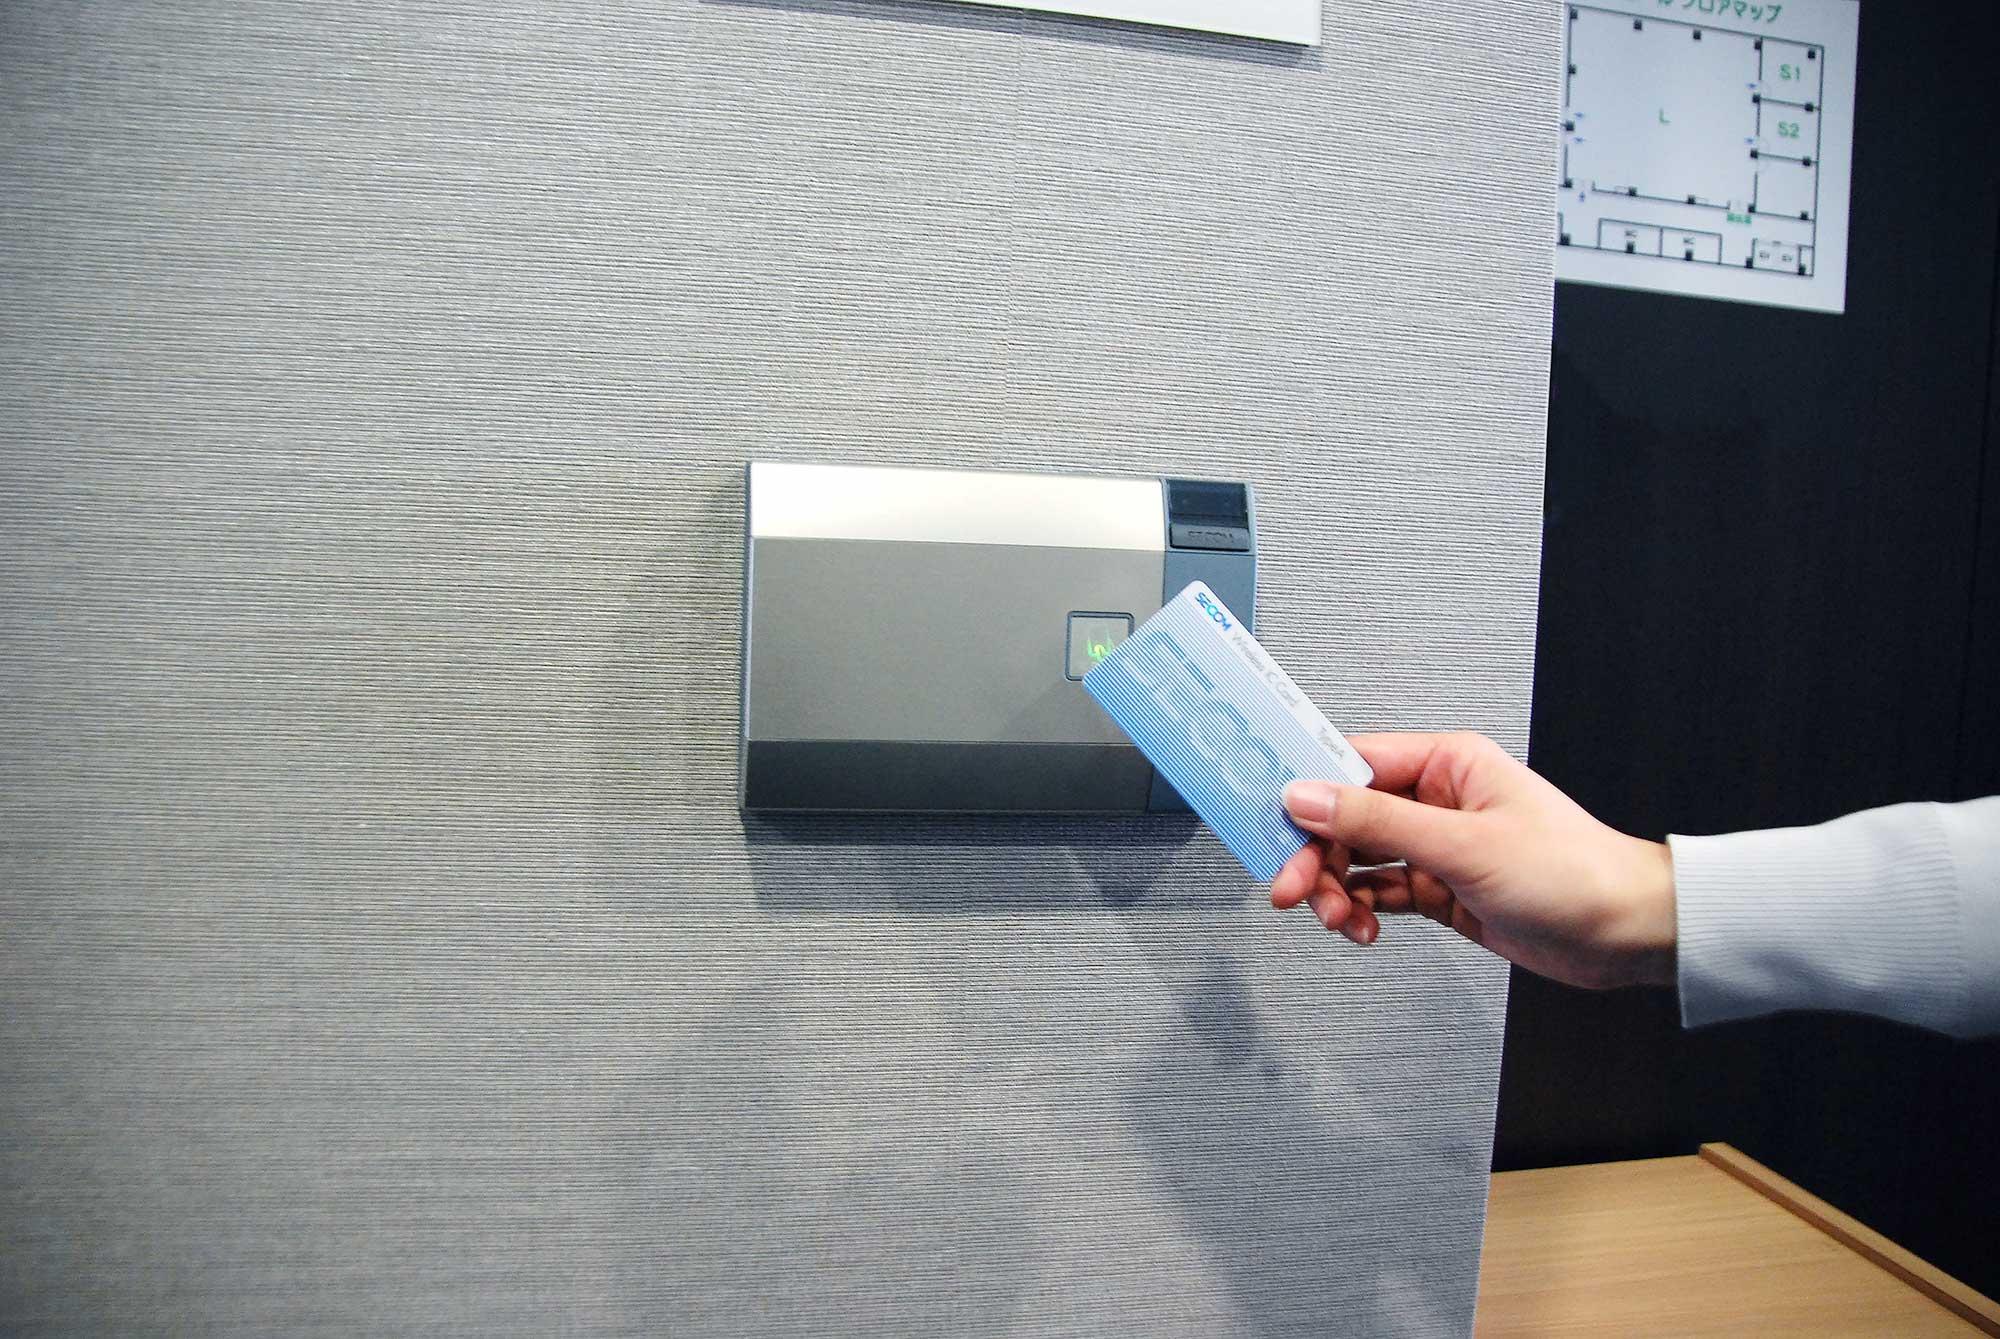 防犯対策のためのカードキー管理